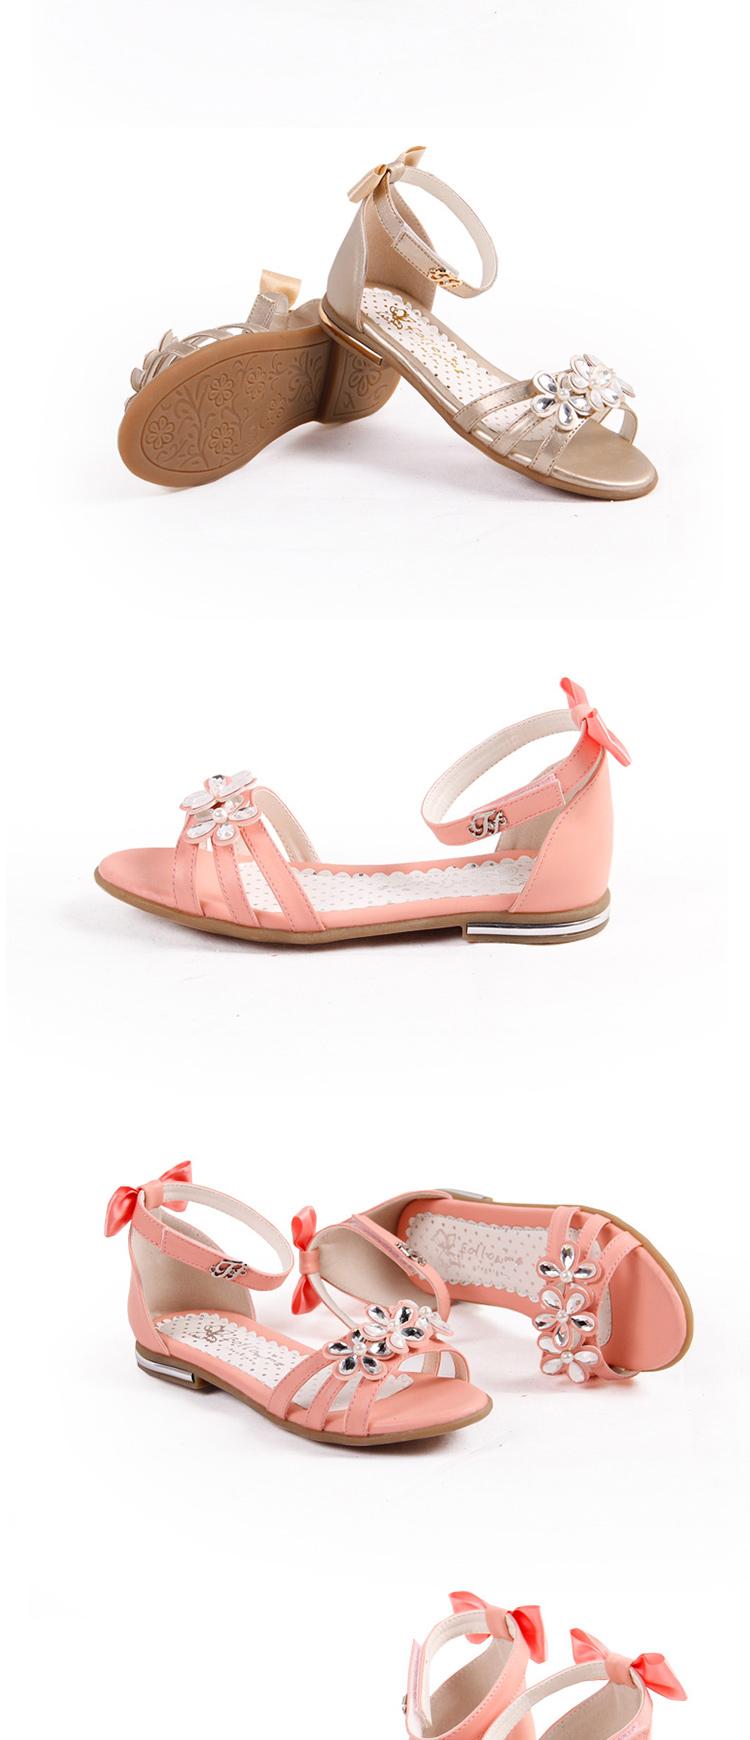 富罗迷女童凉鞋 女大童儿童凉鞋2014夏季新款韩版